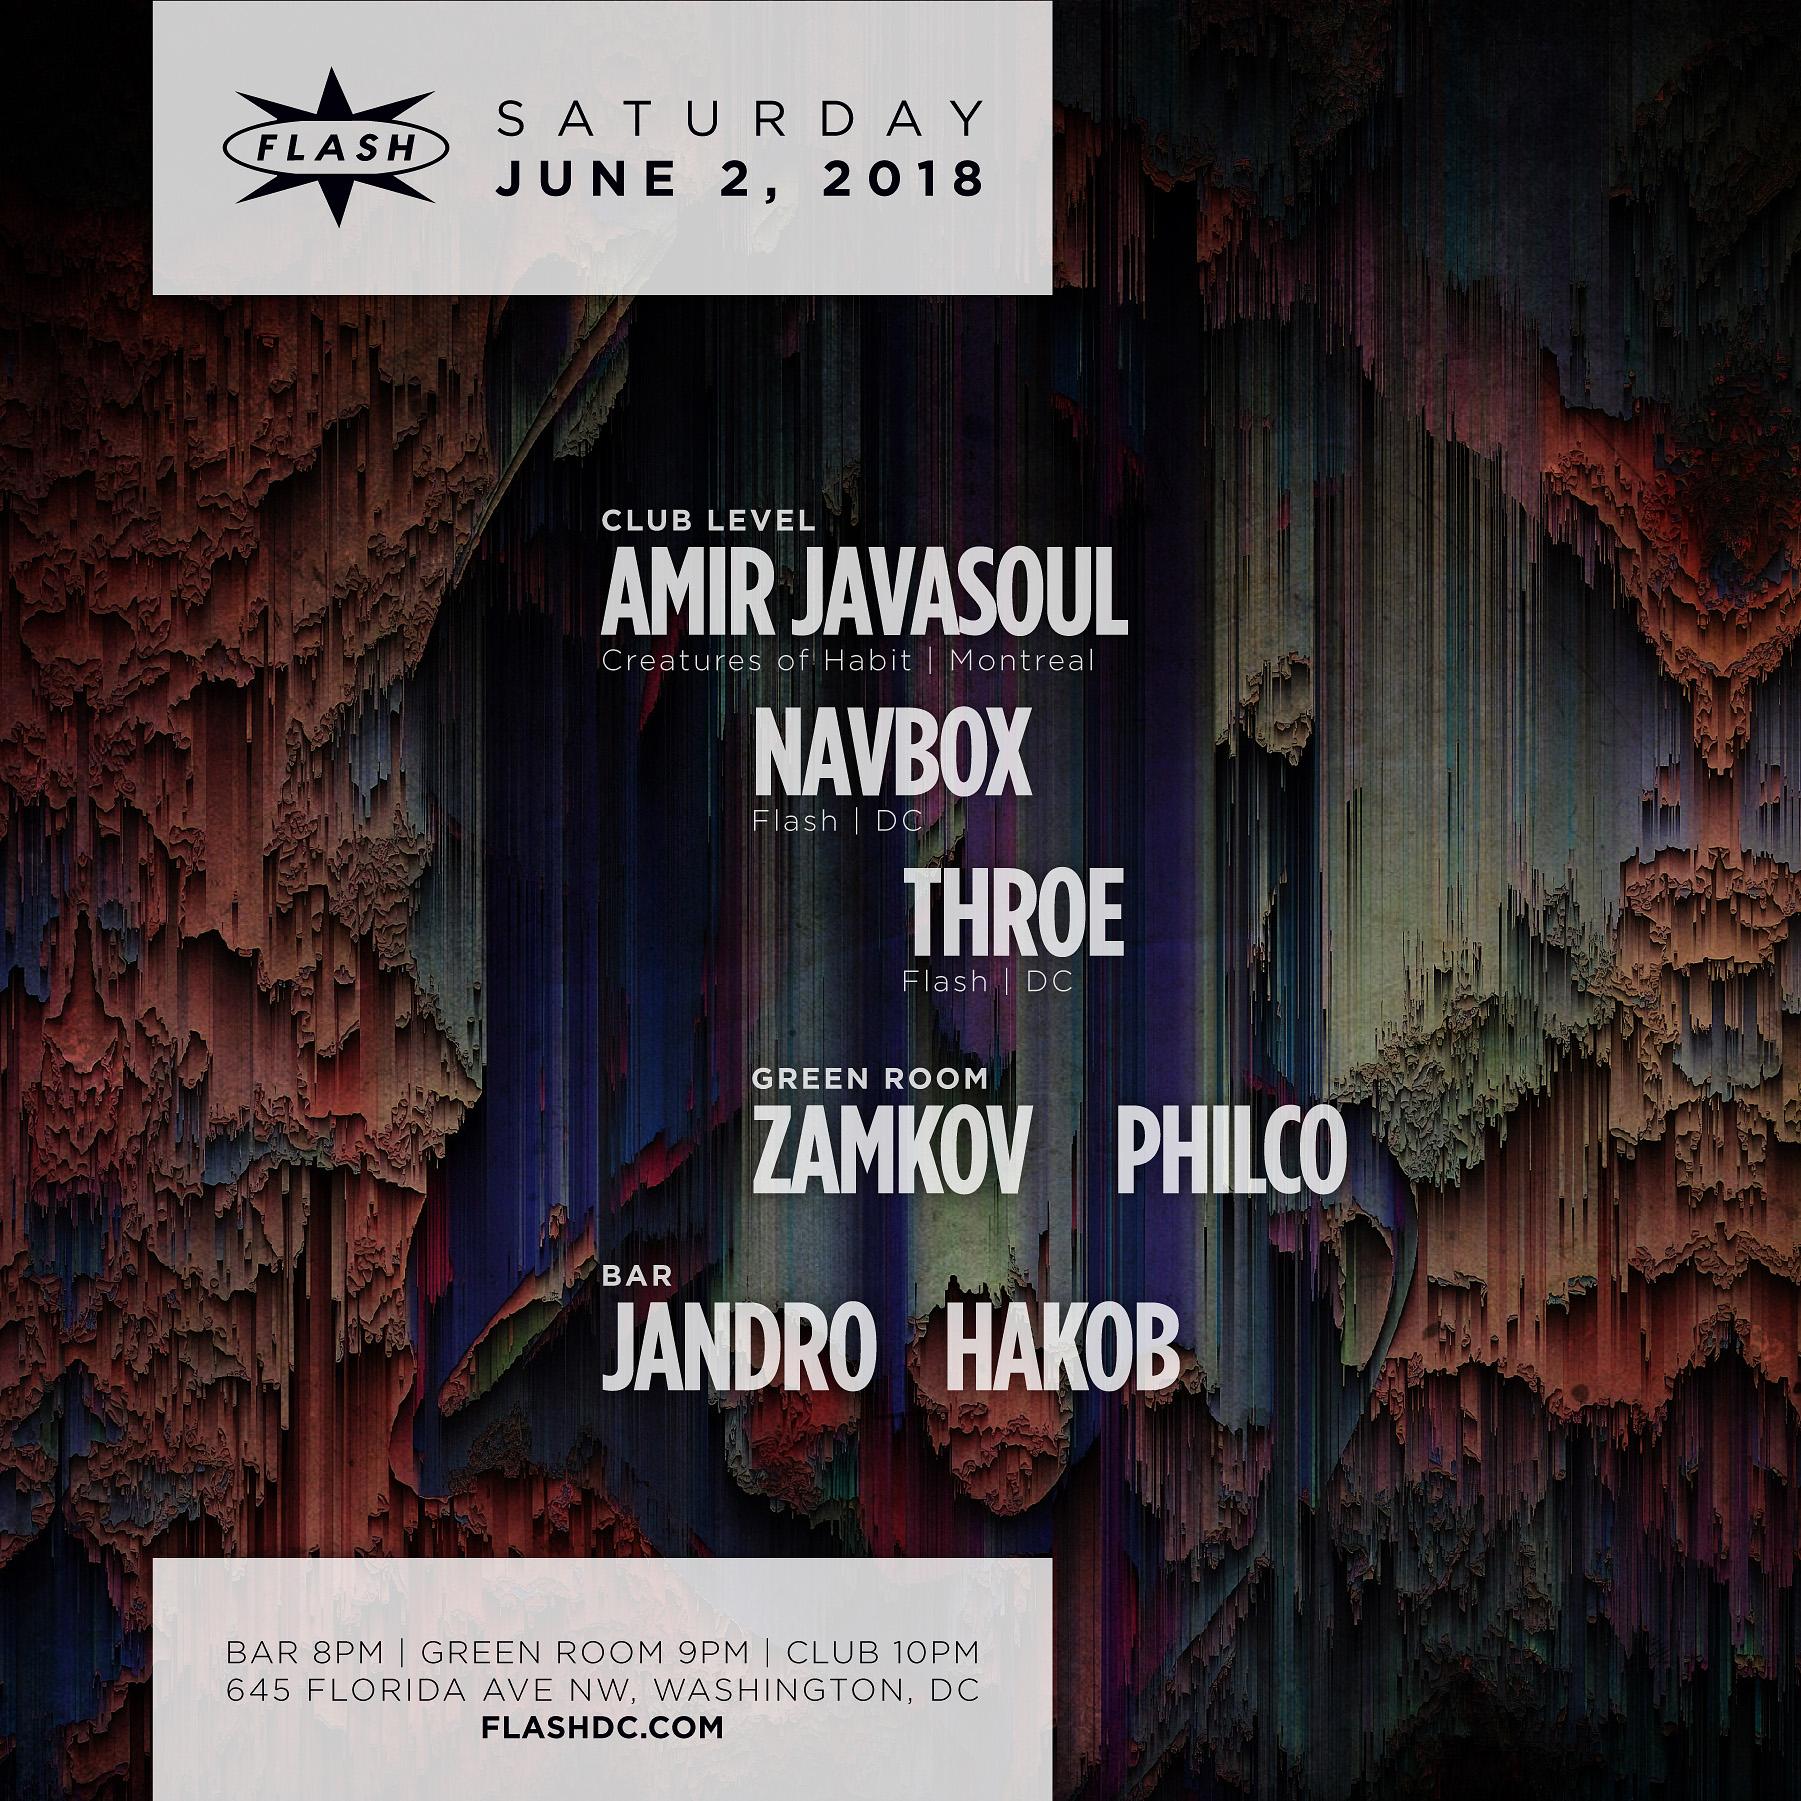 Amir Javasoul event thumbnail